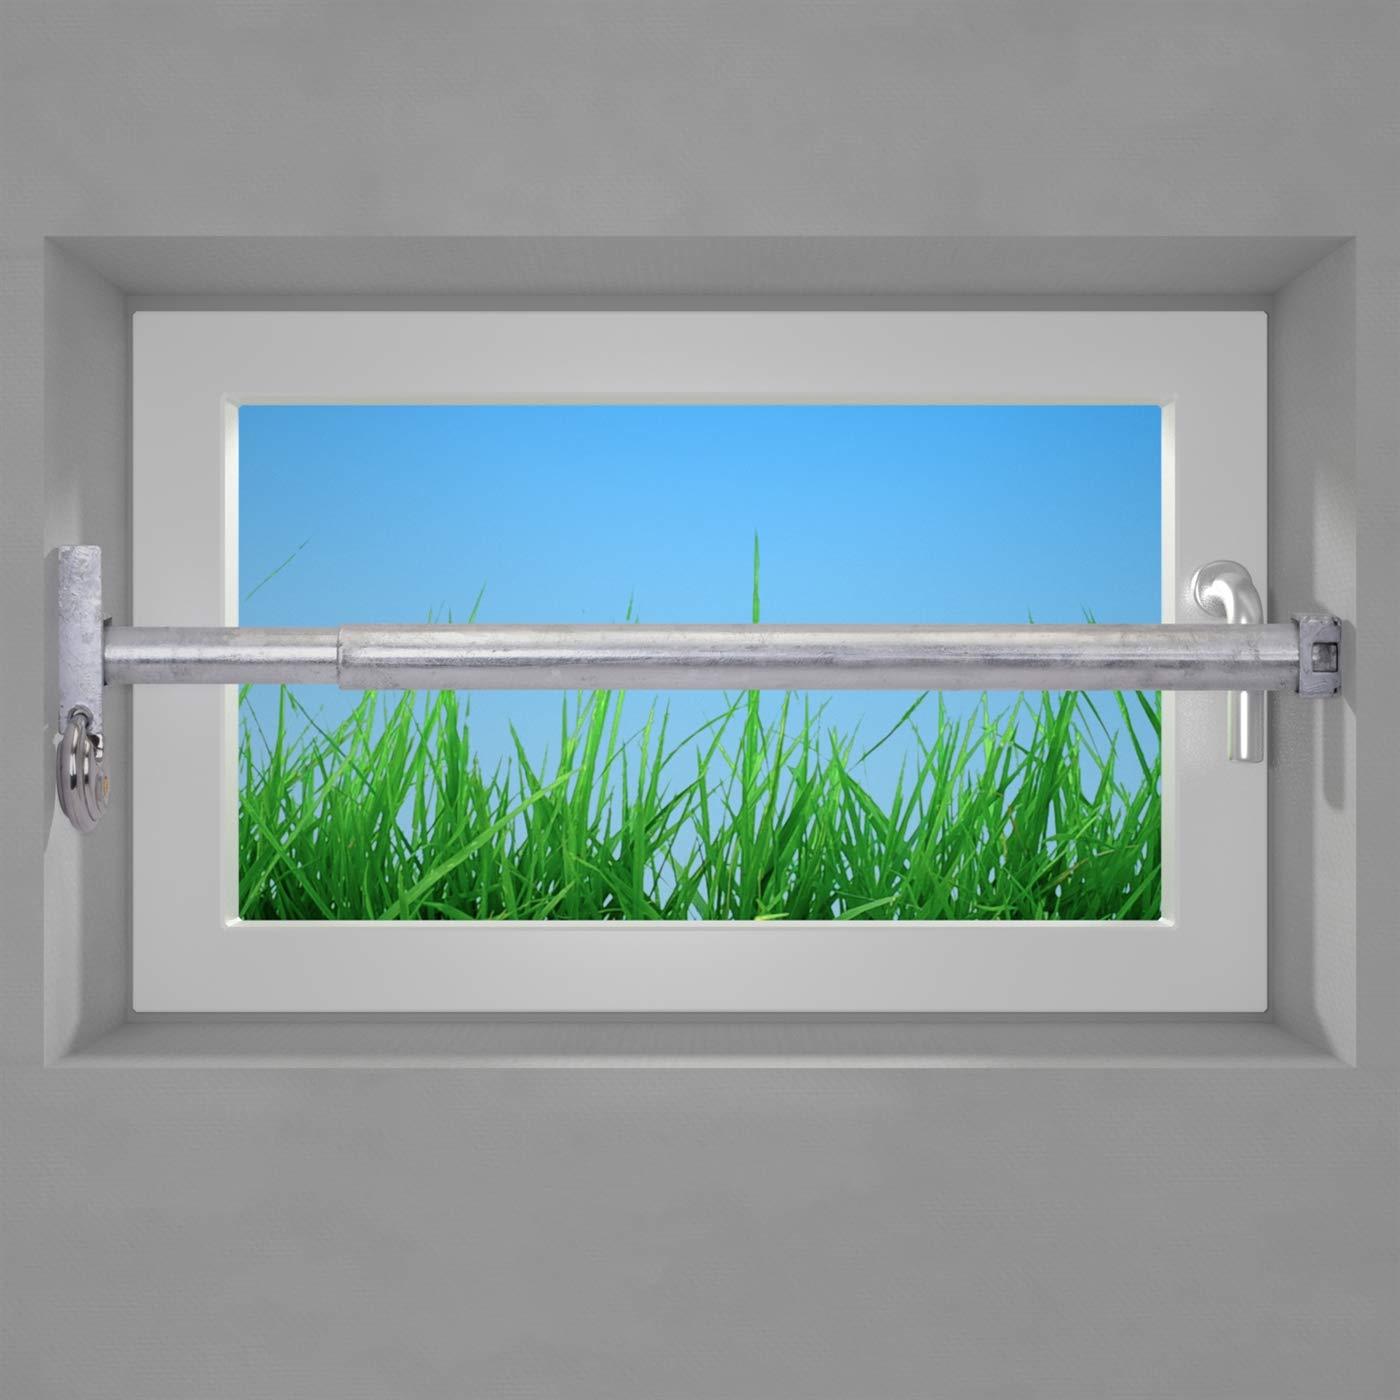 VOSS Fenstersicherung Sicherungsstange Einbruchschutz verzinkt 1Fach 1000-1700mm